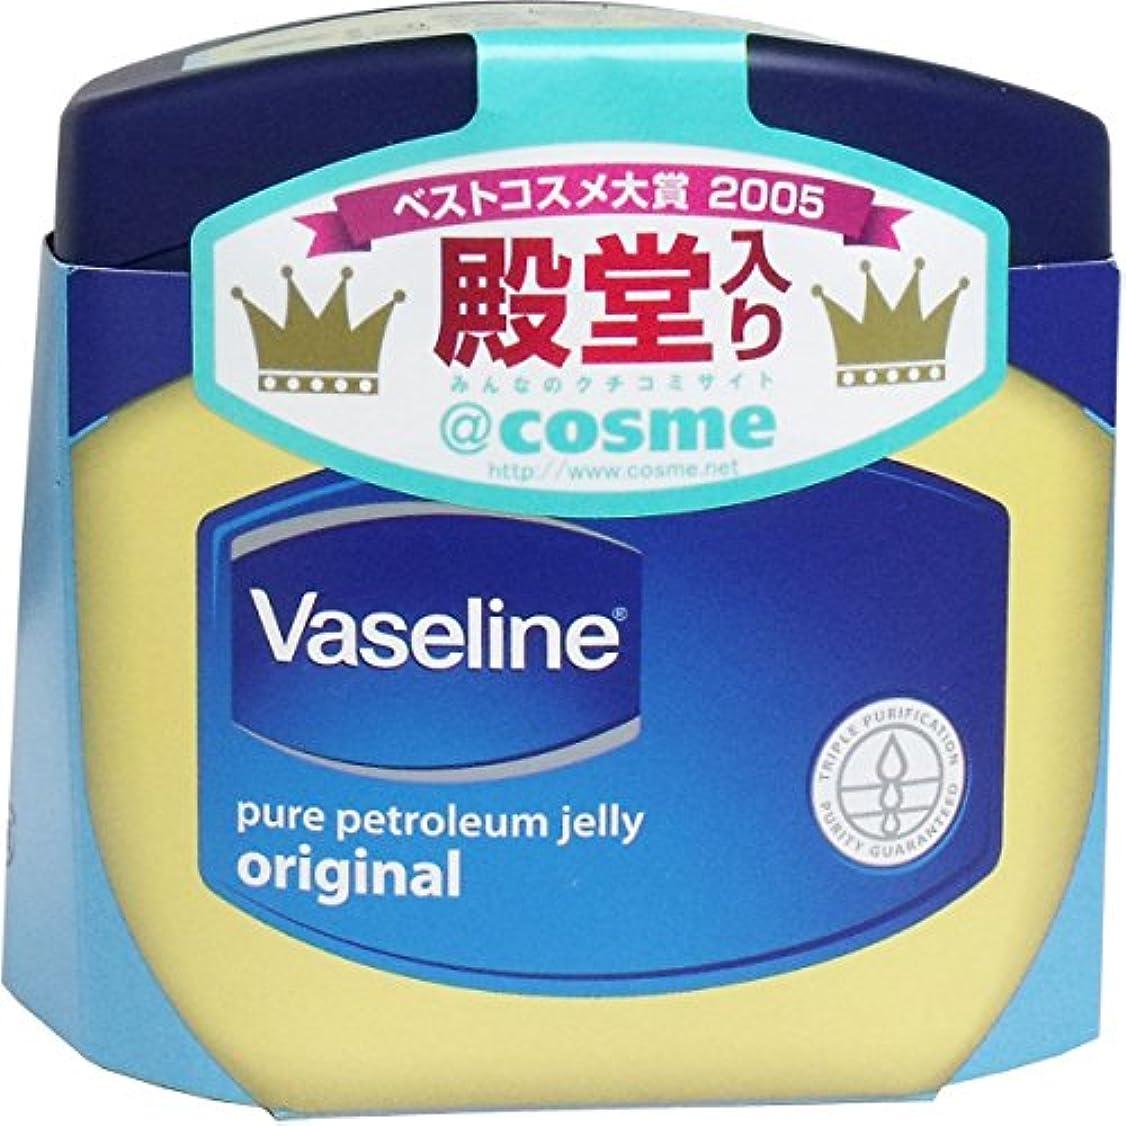 カイウス事実刑務所【Vaseline】ヴァセリン ピュアスキンジェリー (スキンオイル) 200g ×5個セット